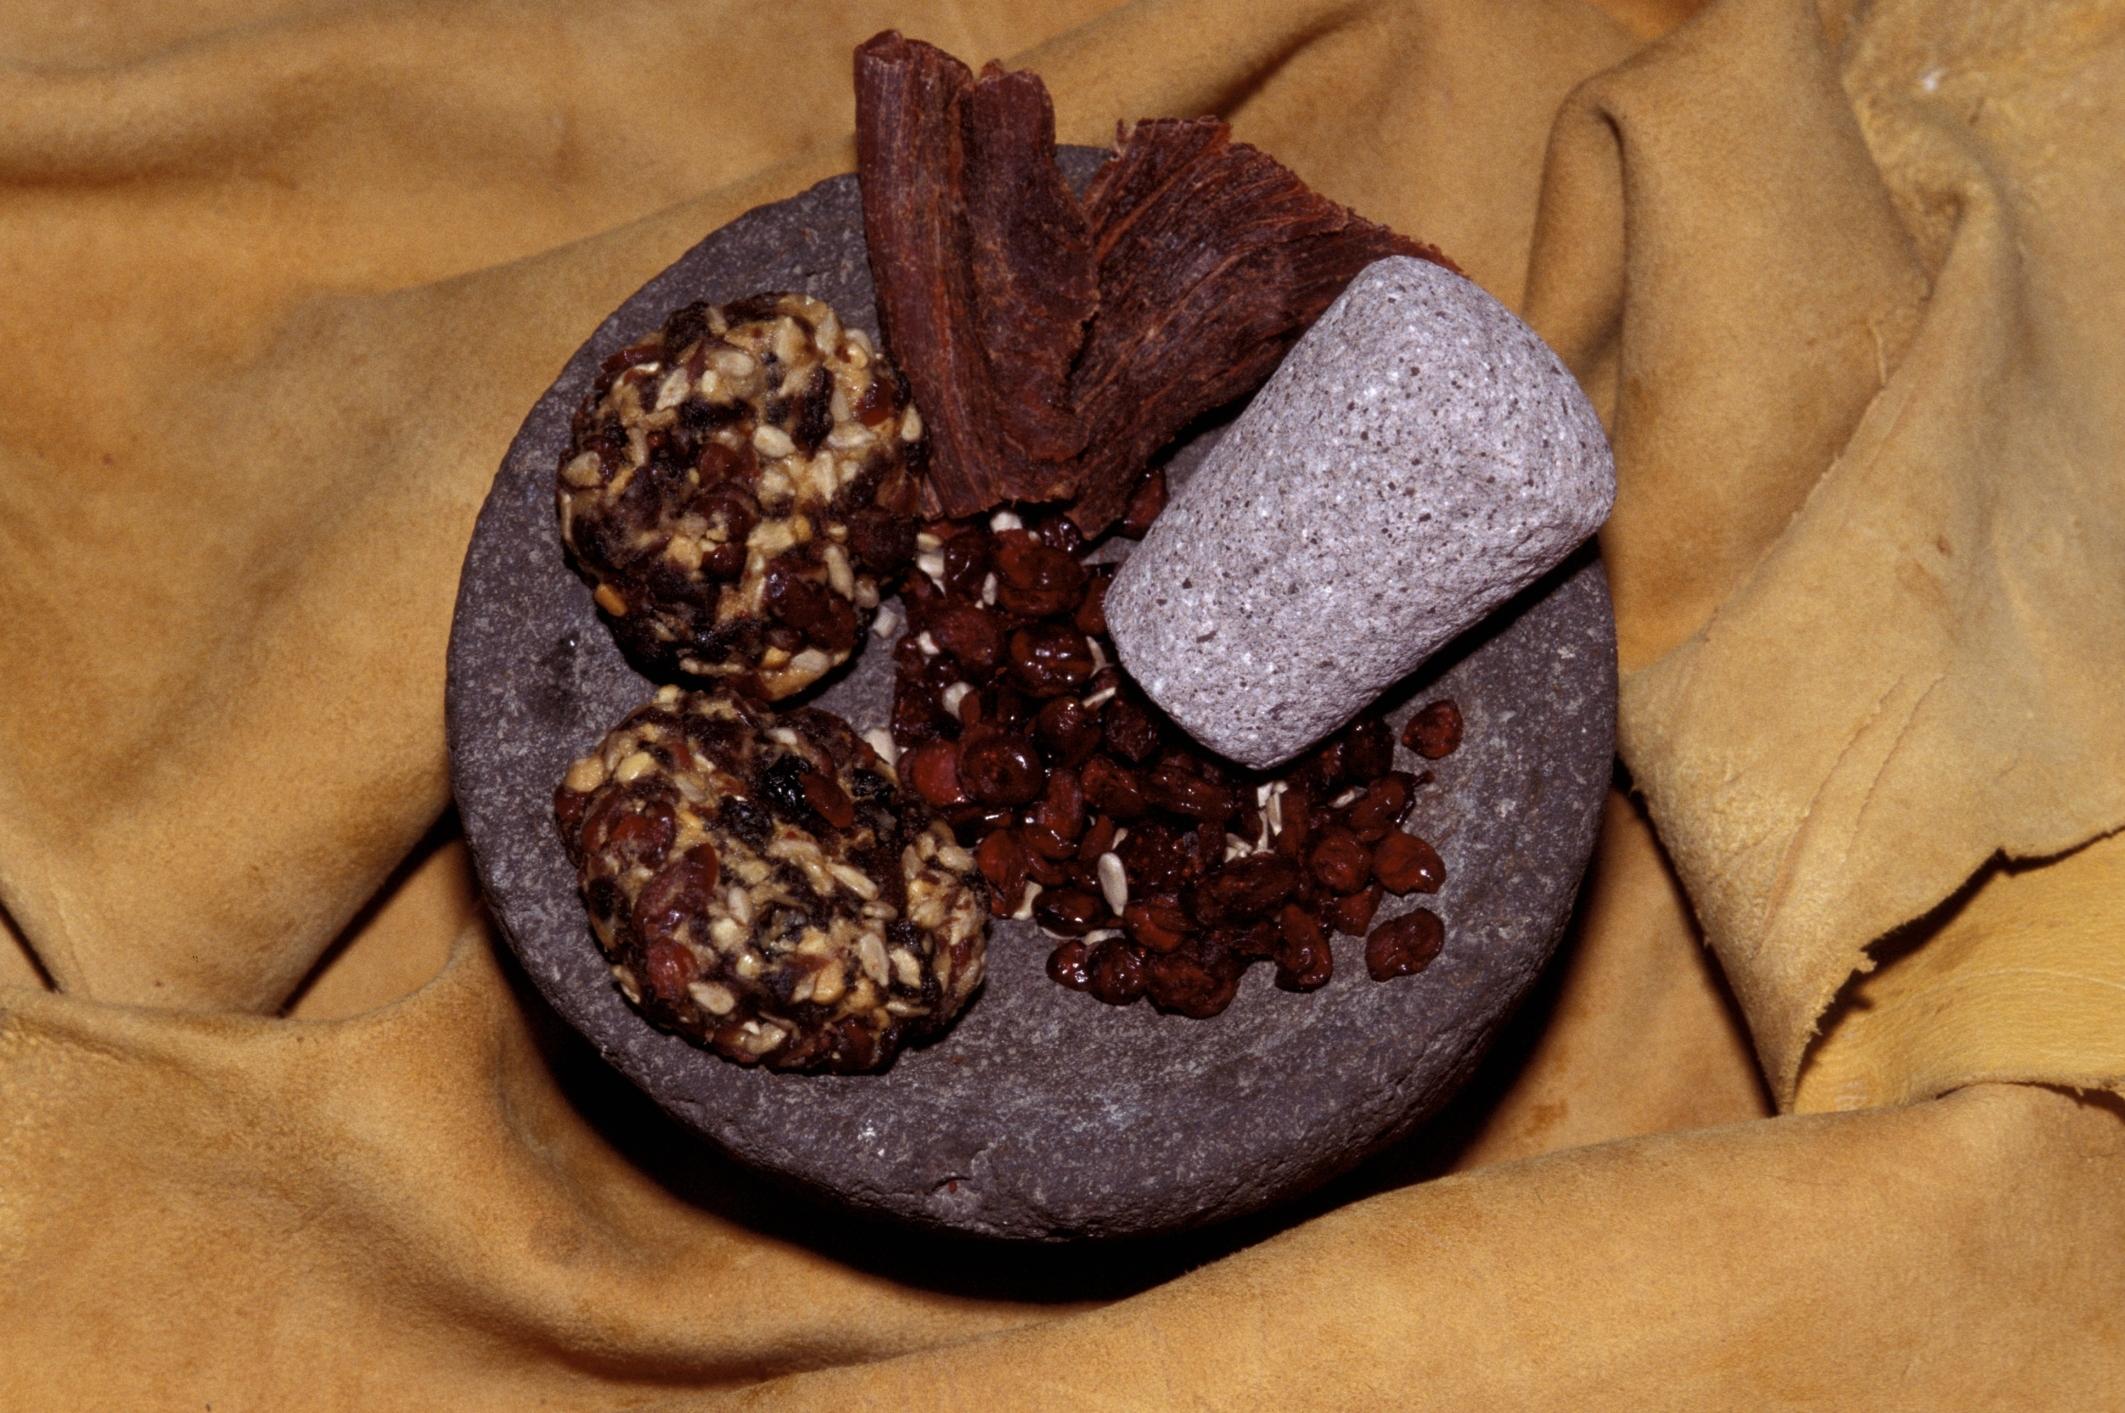 Blackfoot Indian Food Pemmican – Wonderful Image Gallery